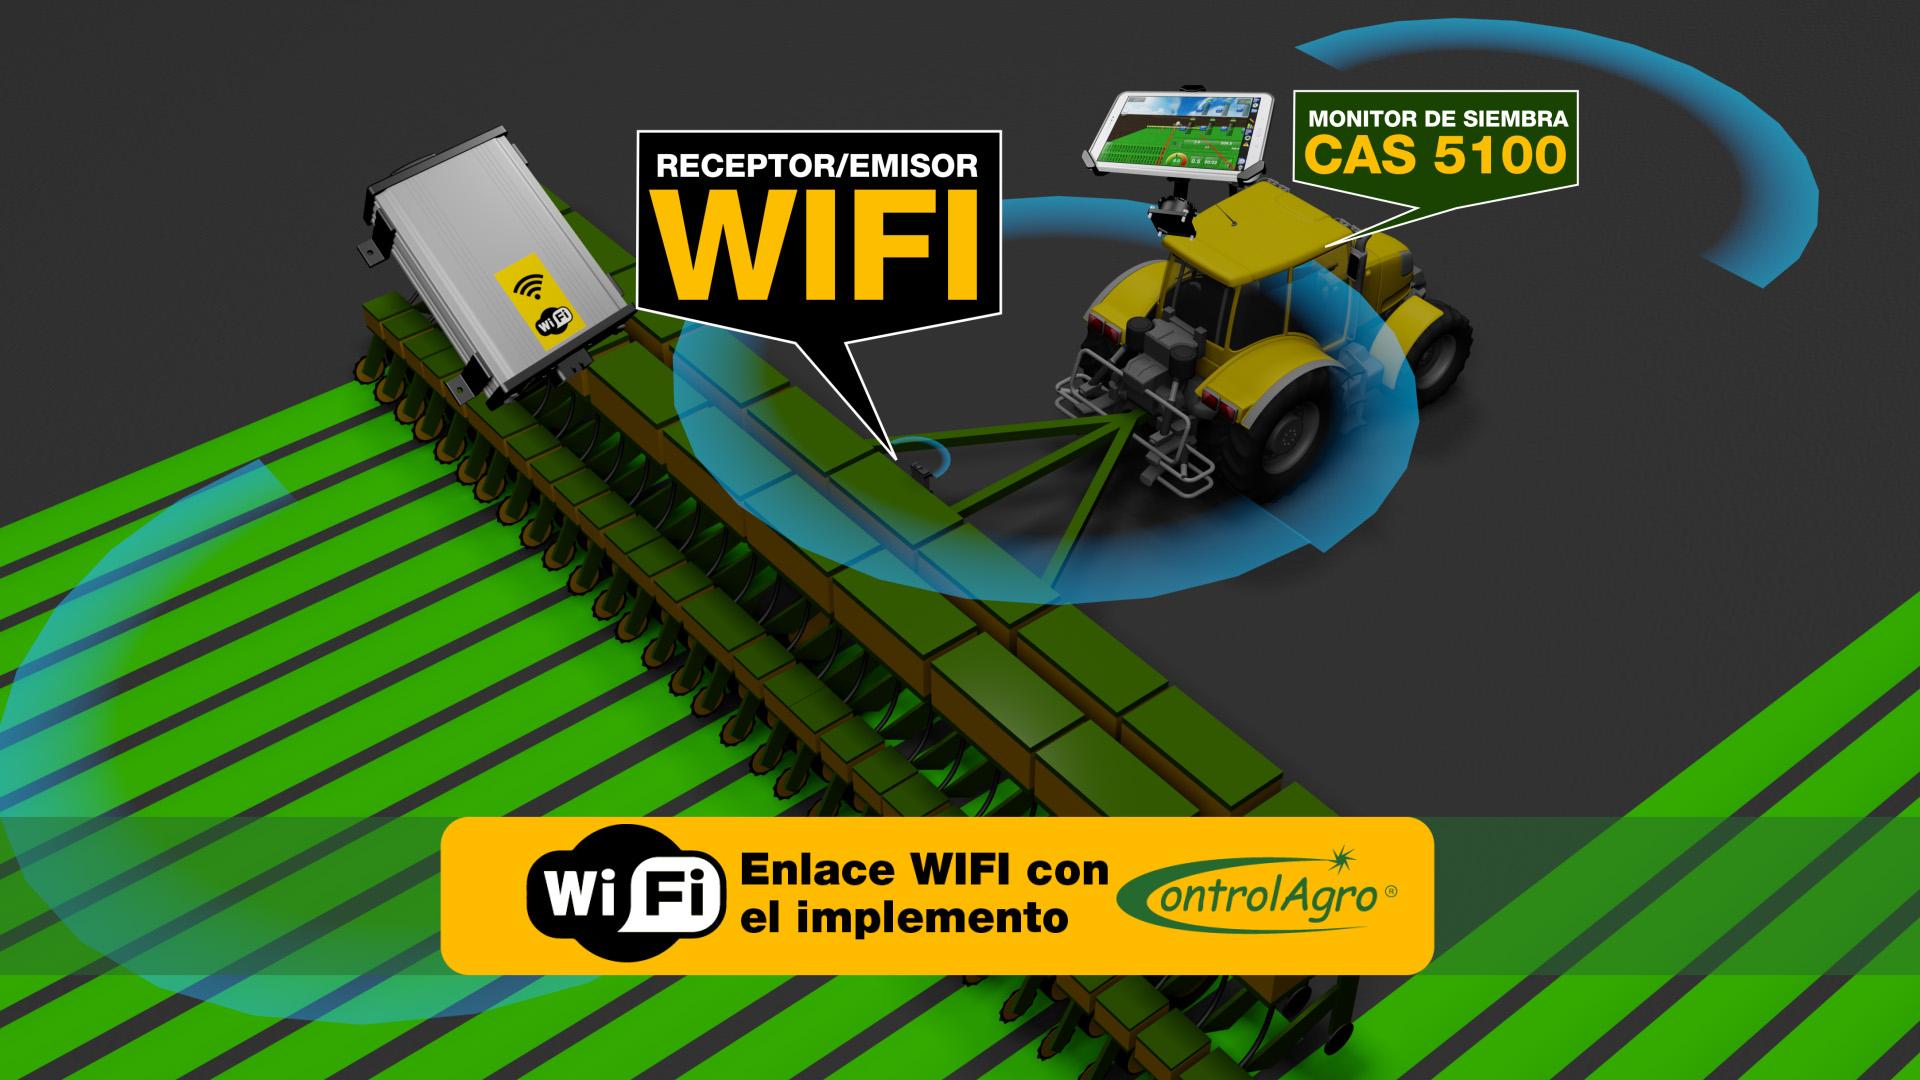 La adopción de enlace WIFI entre el monitor y el implemento es una de las principales novedades tecnológicas de Monitor de siembra inteligente CAS 5100T.